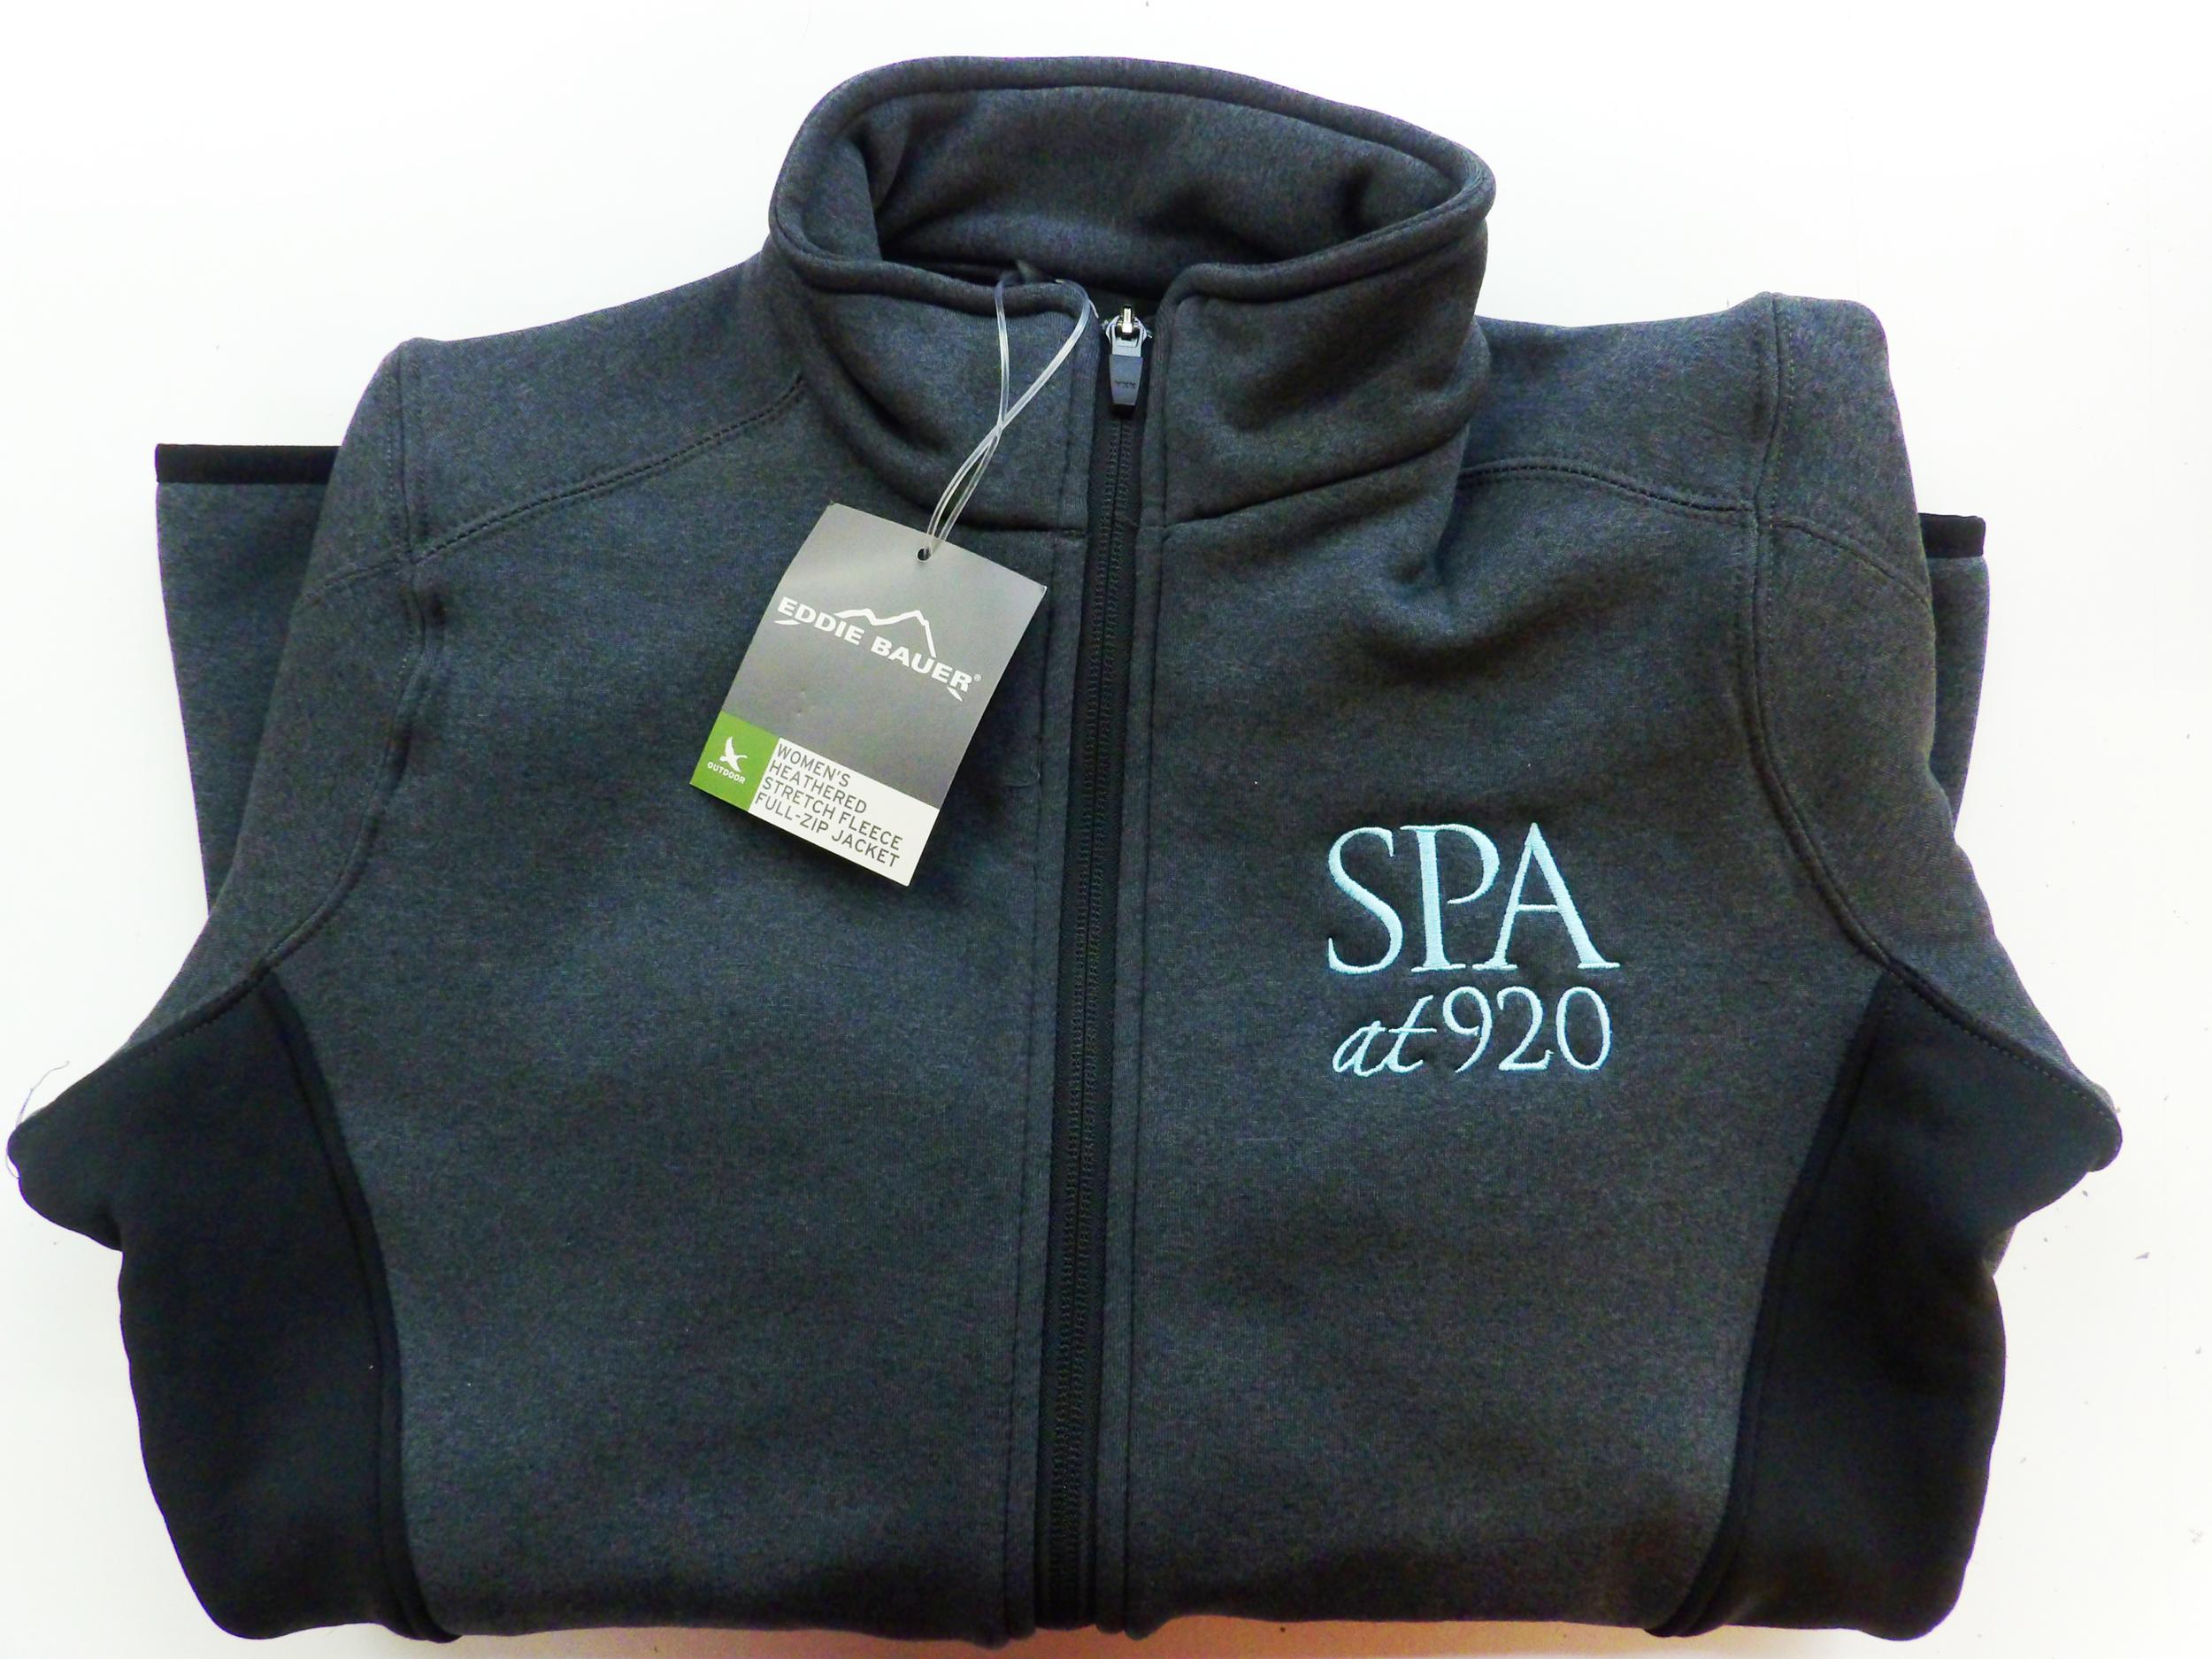 Spa at 920.png